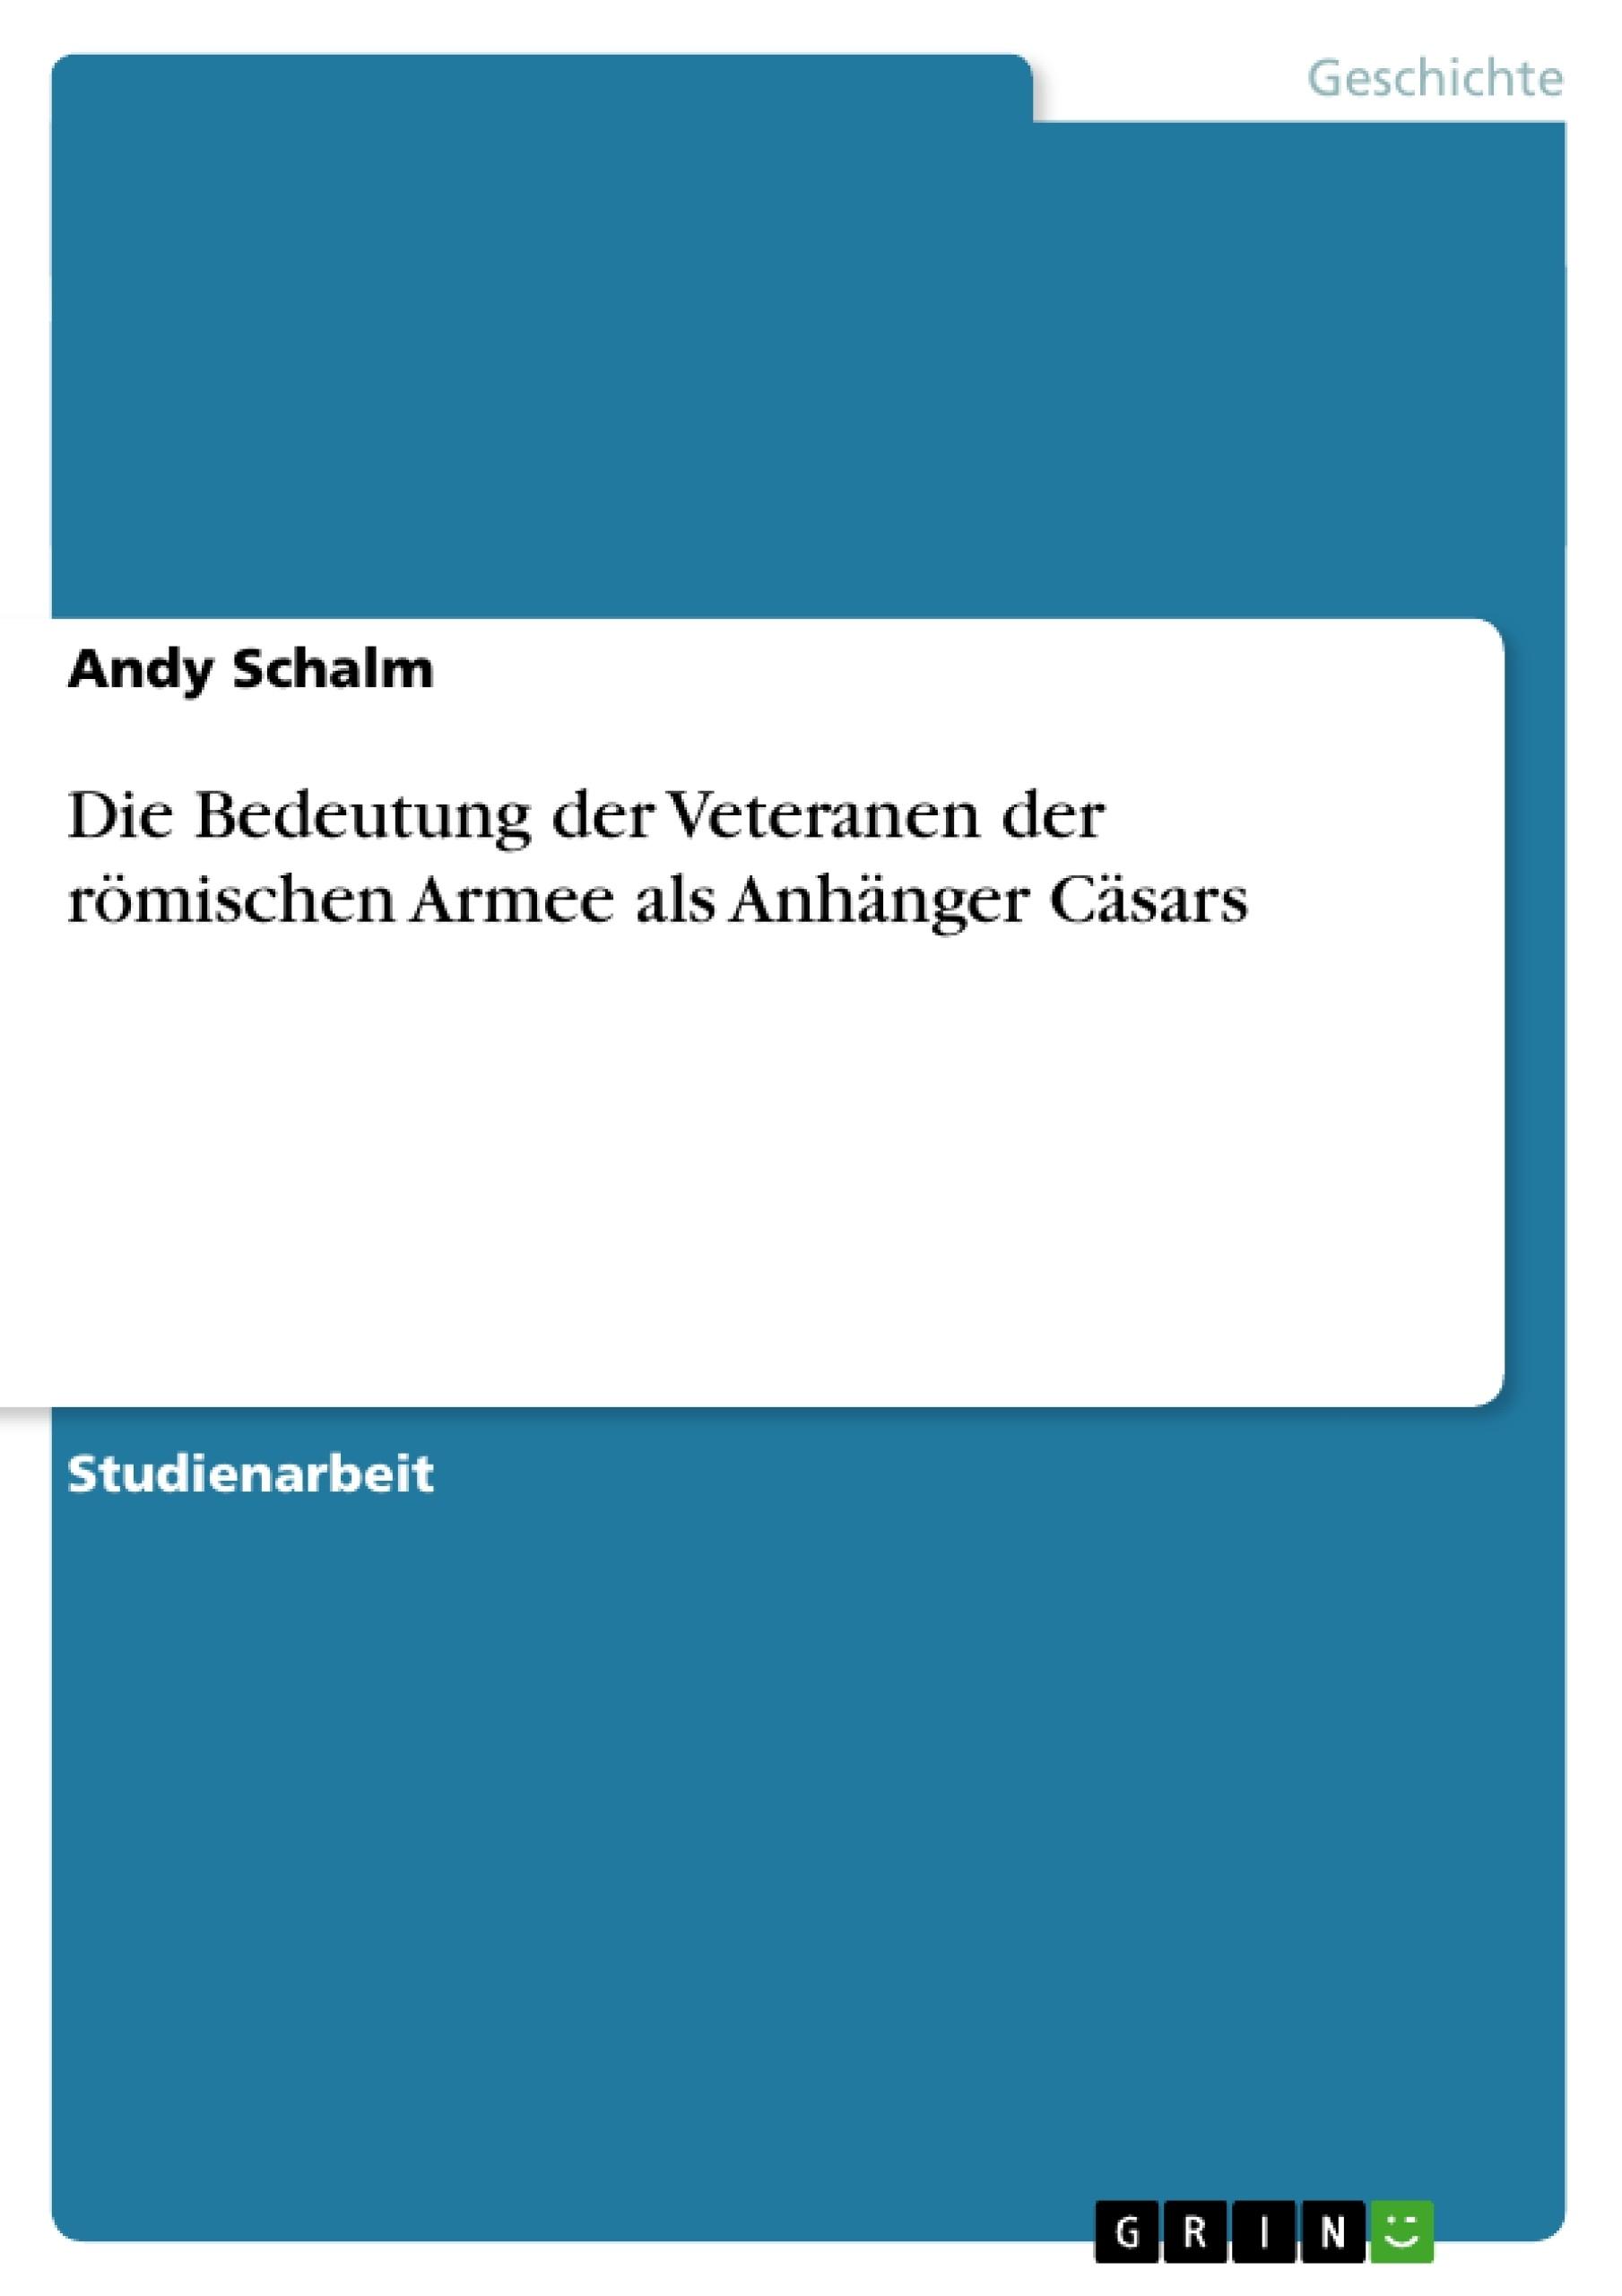 Titel: Die Bedeutung der Veteranen der römischen Armee als Anhänger Cäsars